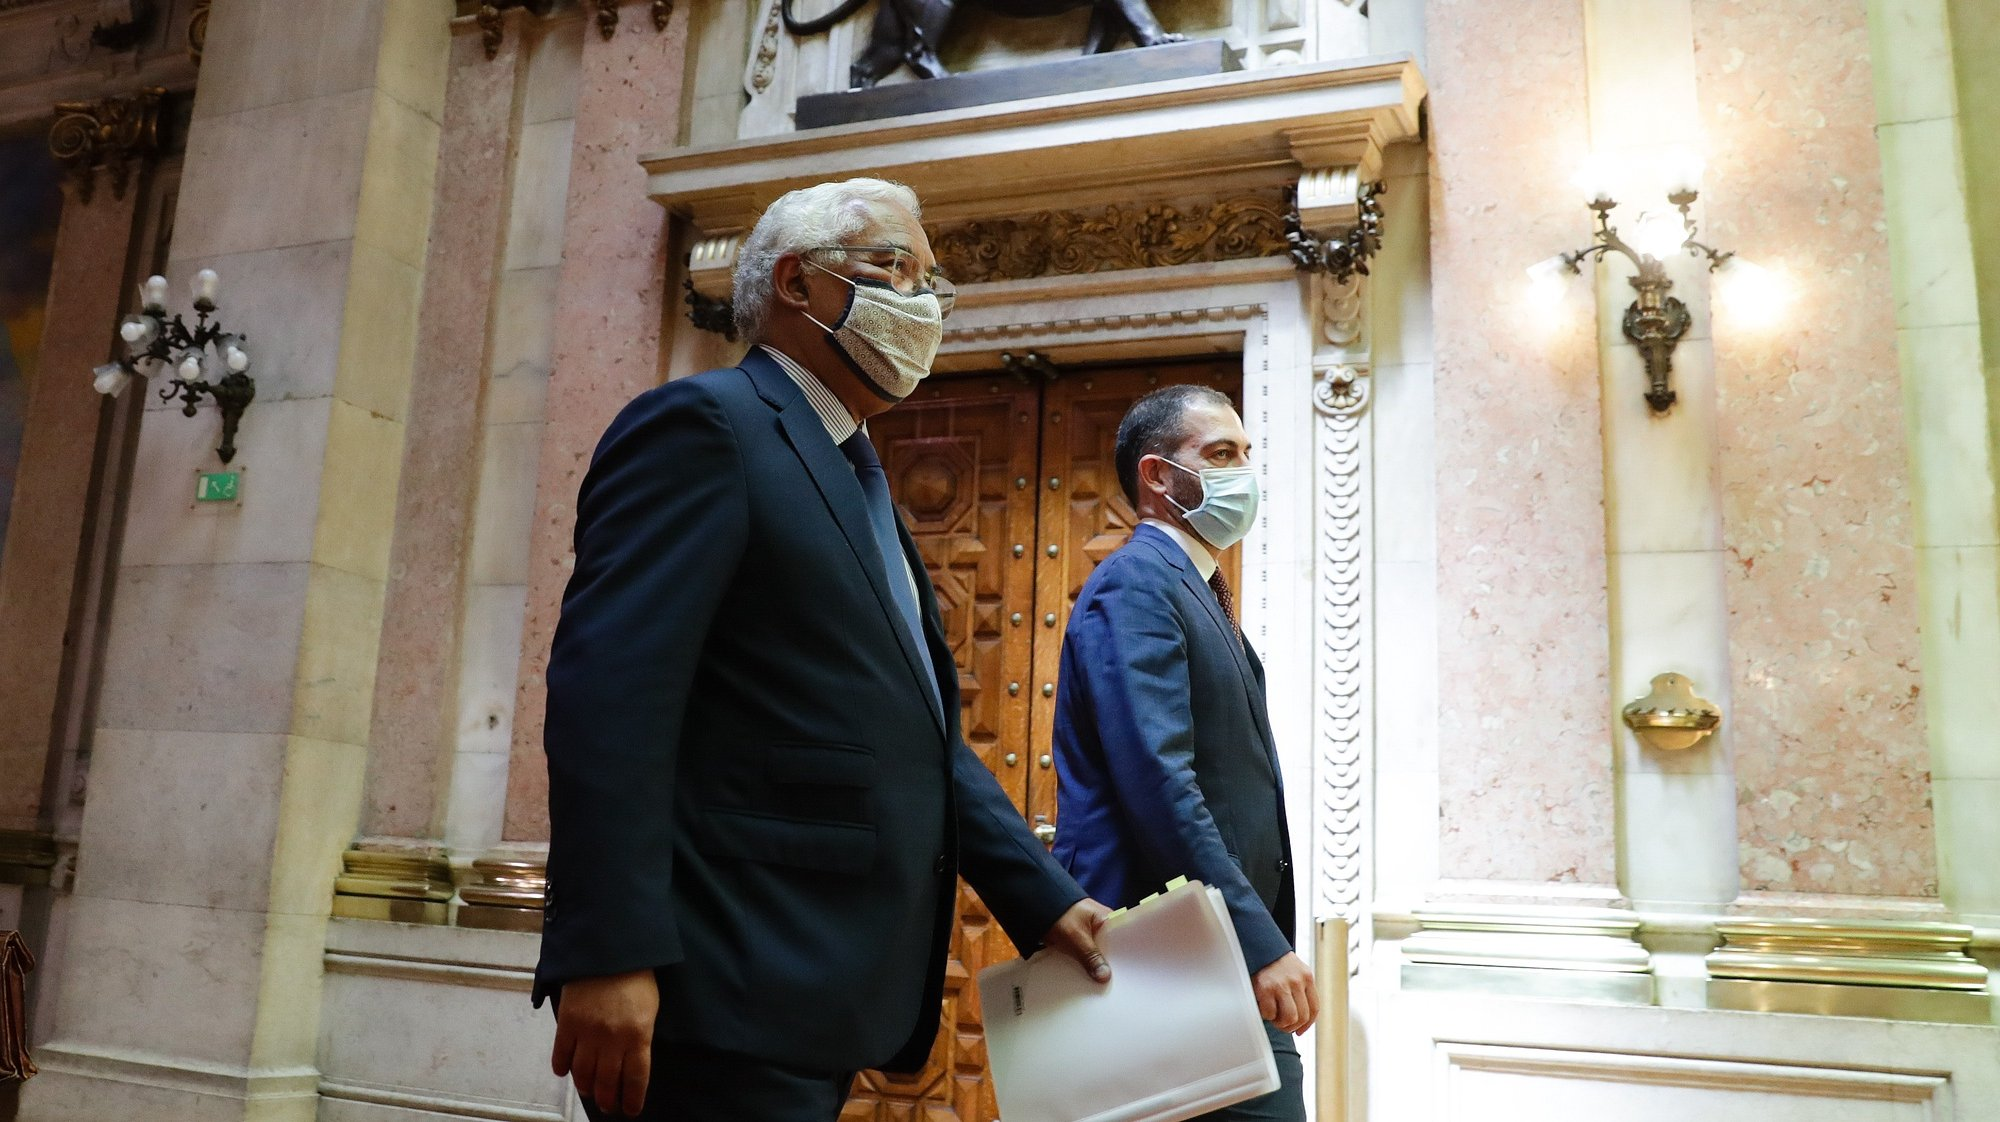 O primeiro-ministro, António Costa (E), acompanhado pelo secretário de Estado dos Assuntos Parlamentares, Duarte Cordeiro (D), à chegada para o primeiro debate bimestral com a presença do chefe do Governo, na Assembleia da República, em Lisboa, 12 de maio de 2021. TIAGO PETINGA/LUSA